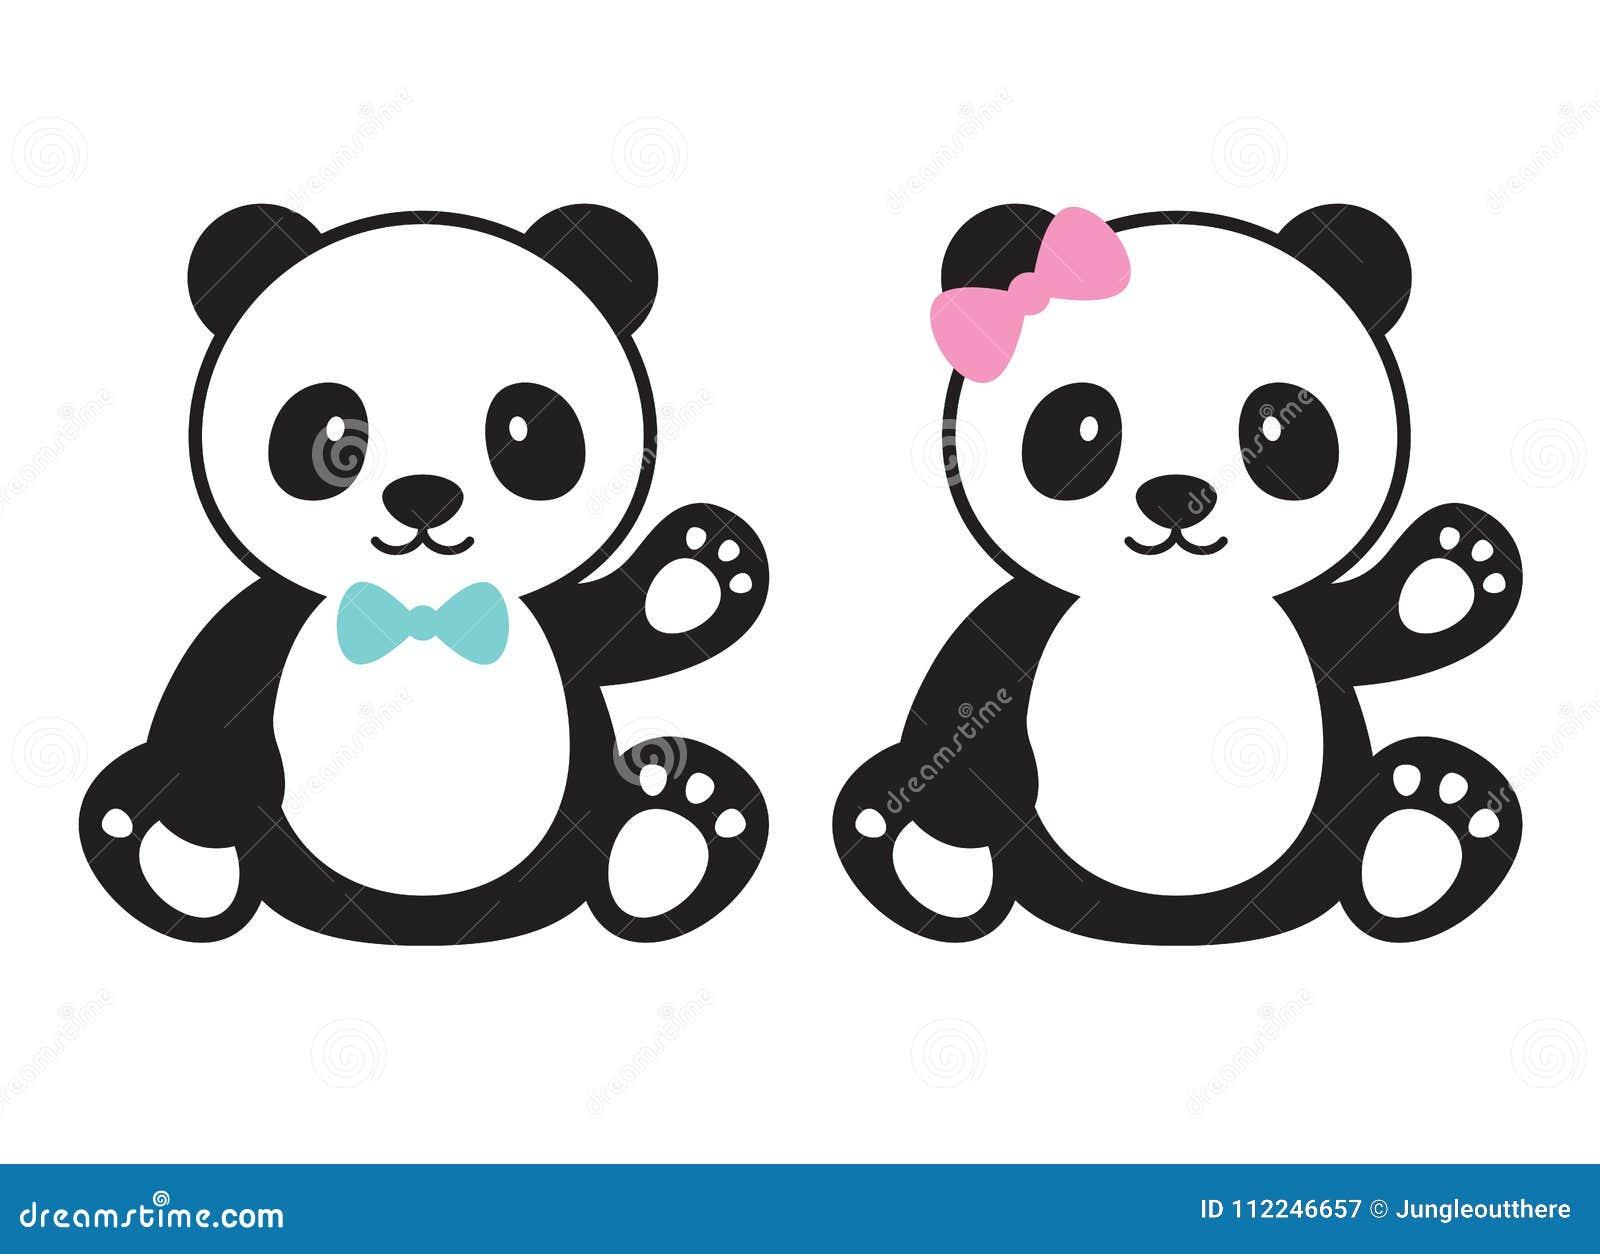 小熊猫传染媒介例证